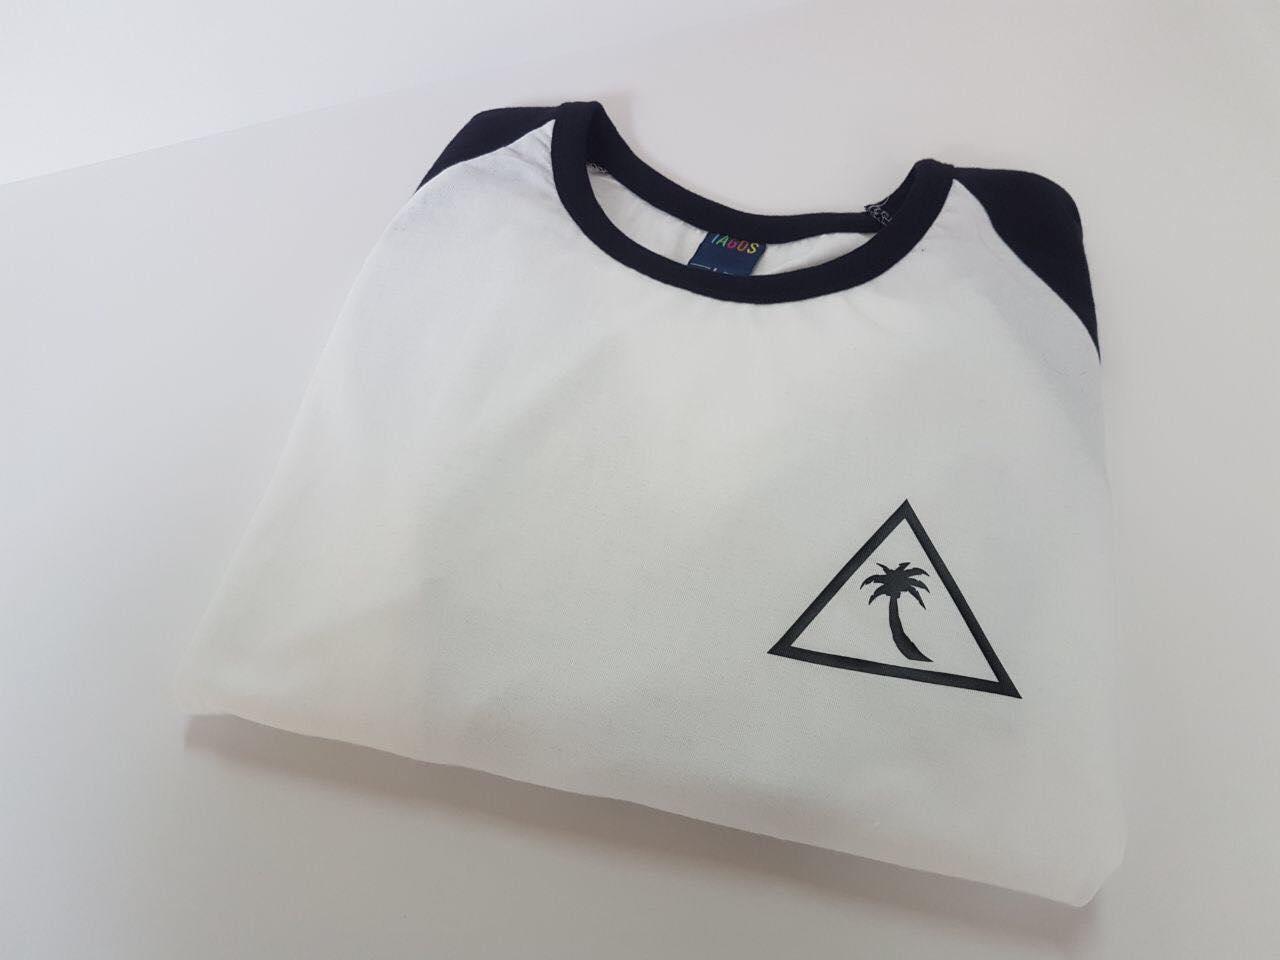 חולצה אמריקאית עם לוגו מודפס